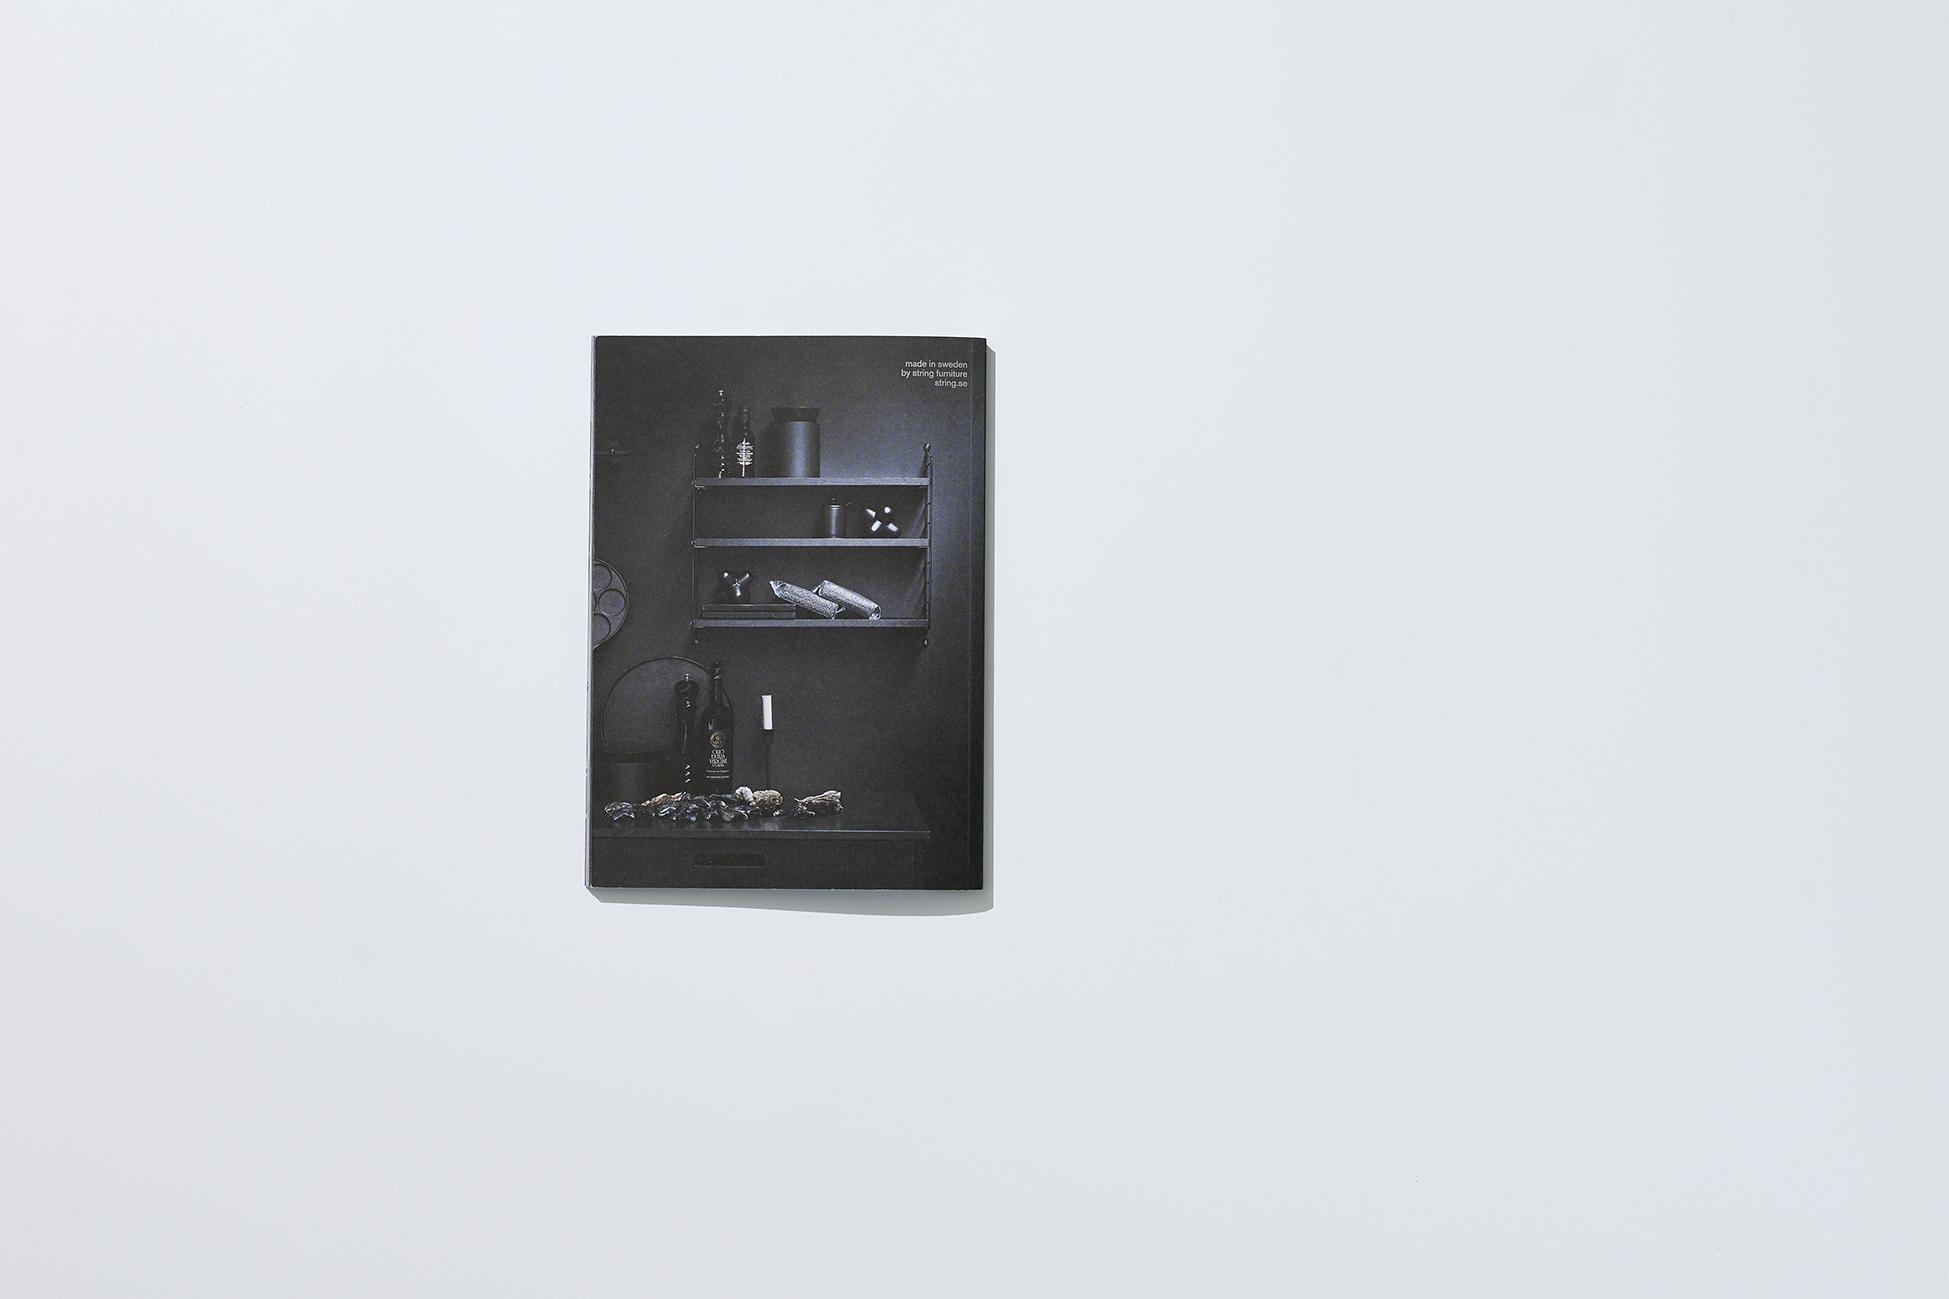 ÖPPET Art direction & Design for String Furniture